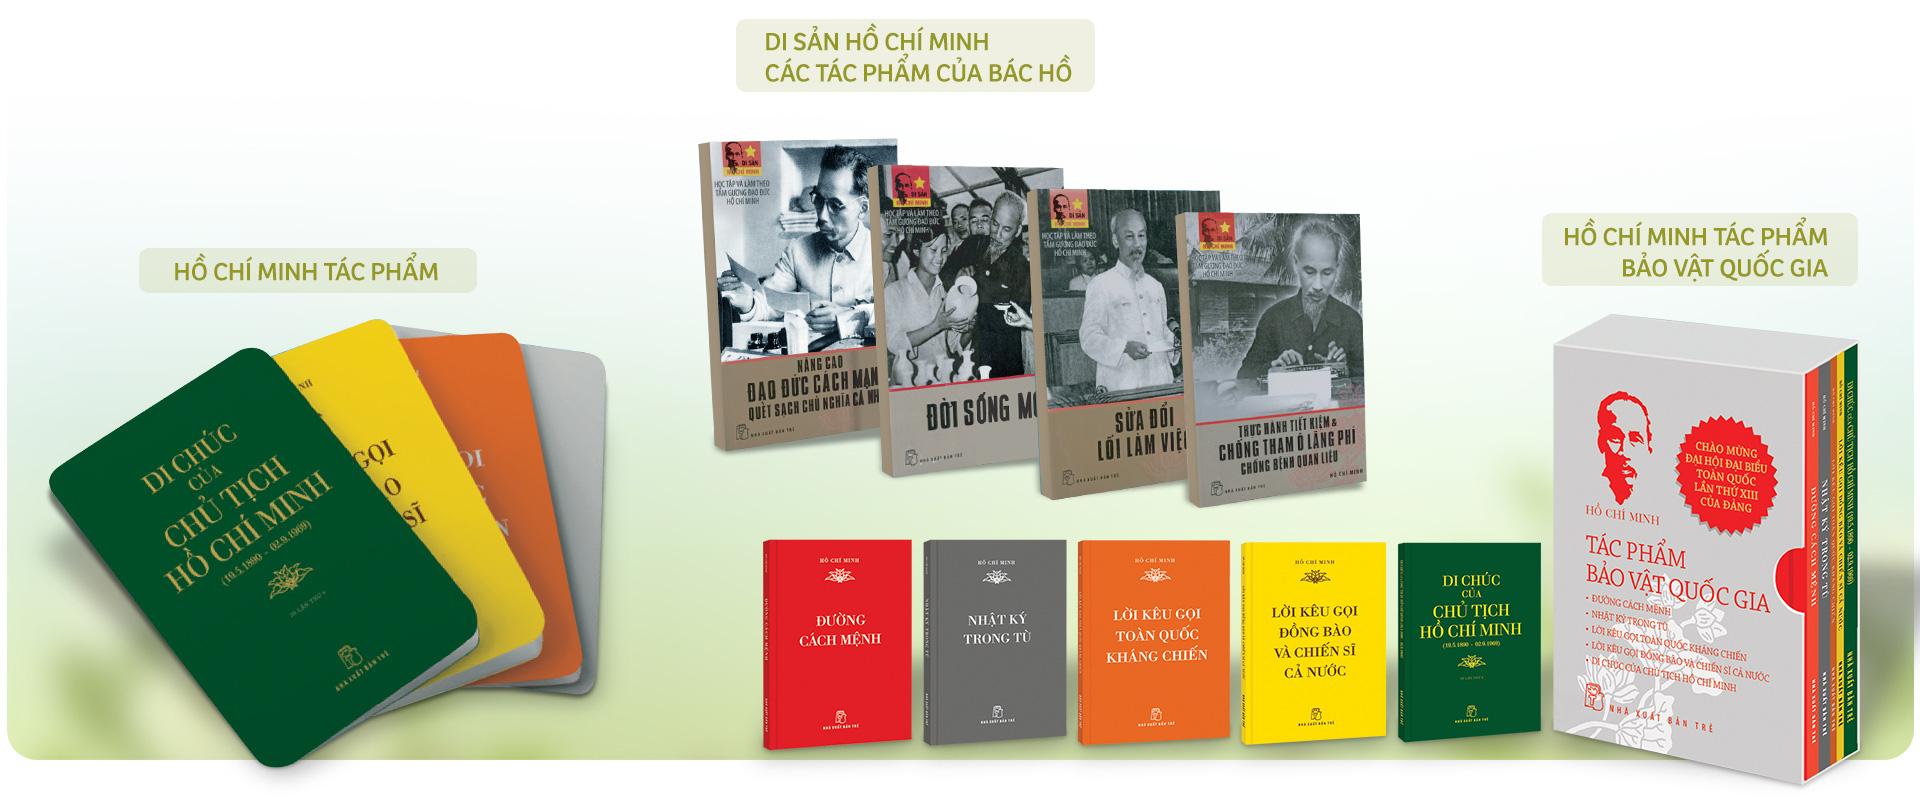 Nhà xuất bản Trẻ: 40 năm hành trình Nuôi dưỡng tâm hồn, Khơi nguồn tri thức - Ảnh 2.